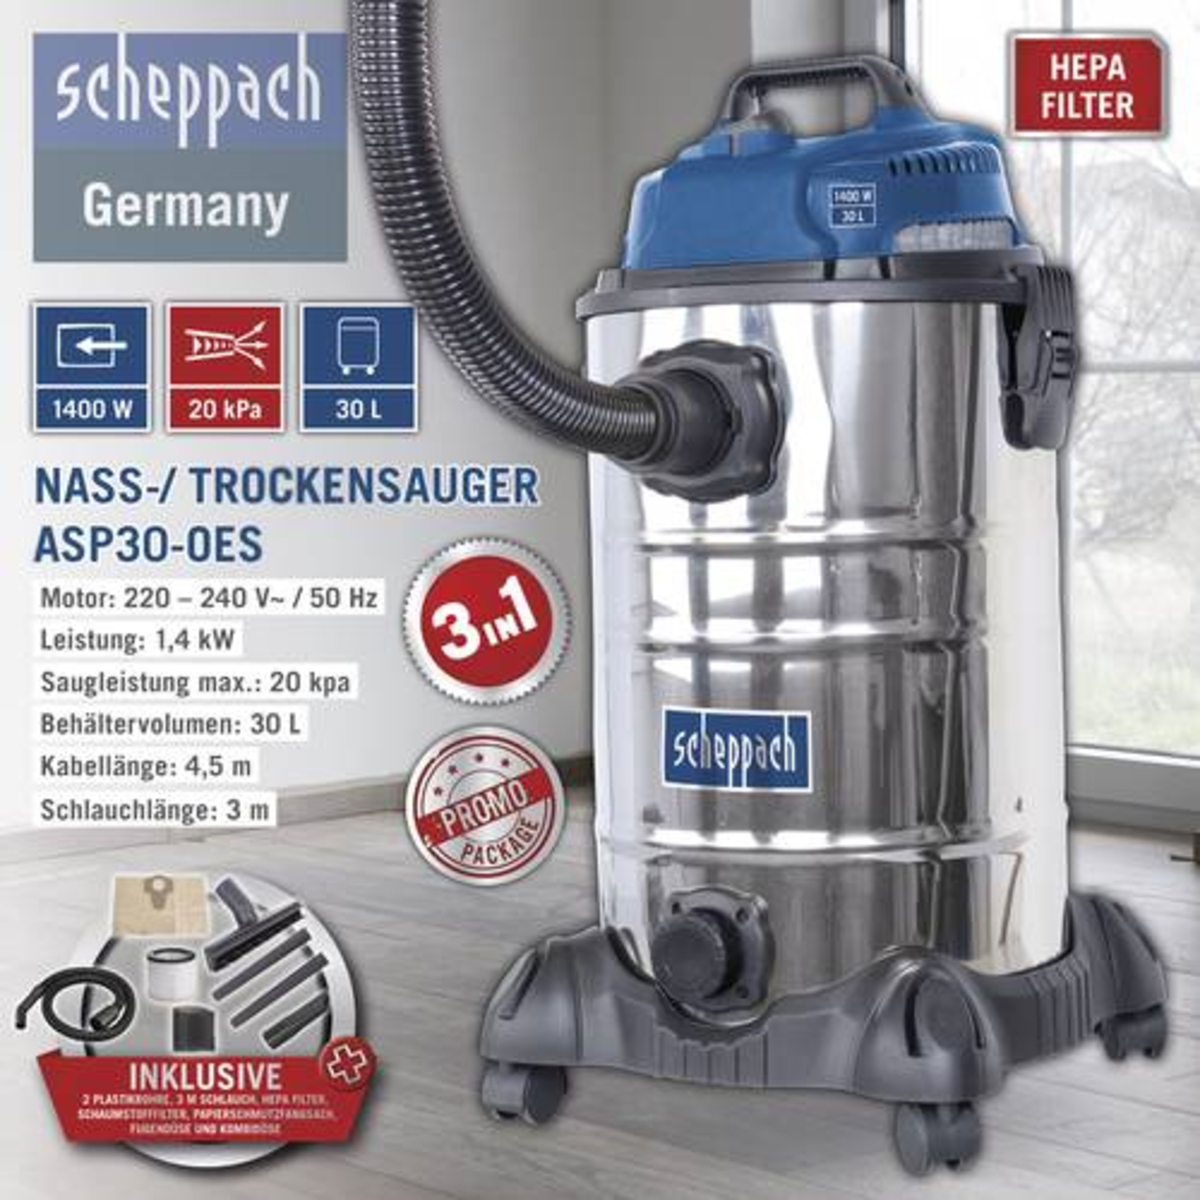 Bild 1 von Scheppach Nass-/ Trockensauger ASP30-OES